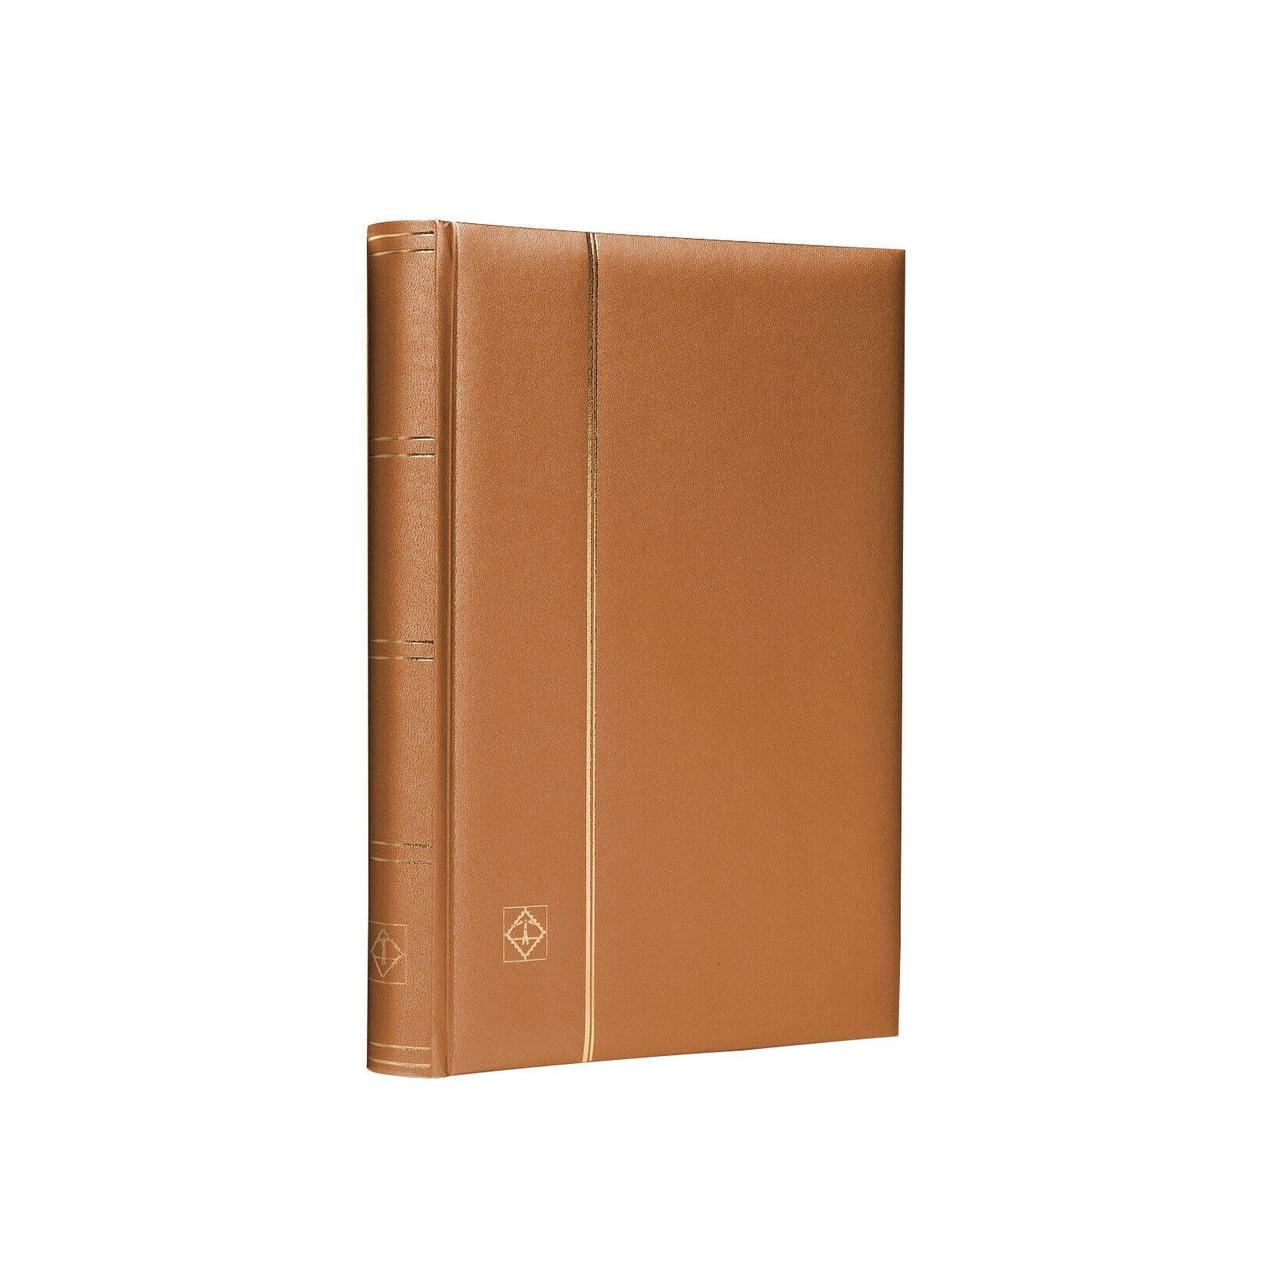 """Альбом Leuchtturm для марок (кляссер) COMFORT """"Metallic Edition"""" с 32 листами из черного картона, мягкая обложка, А4, цвет бронза"""